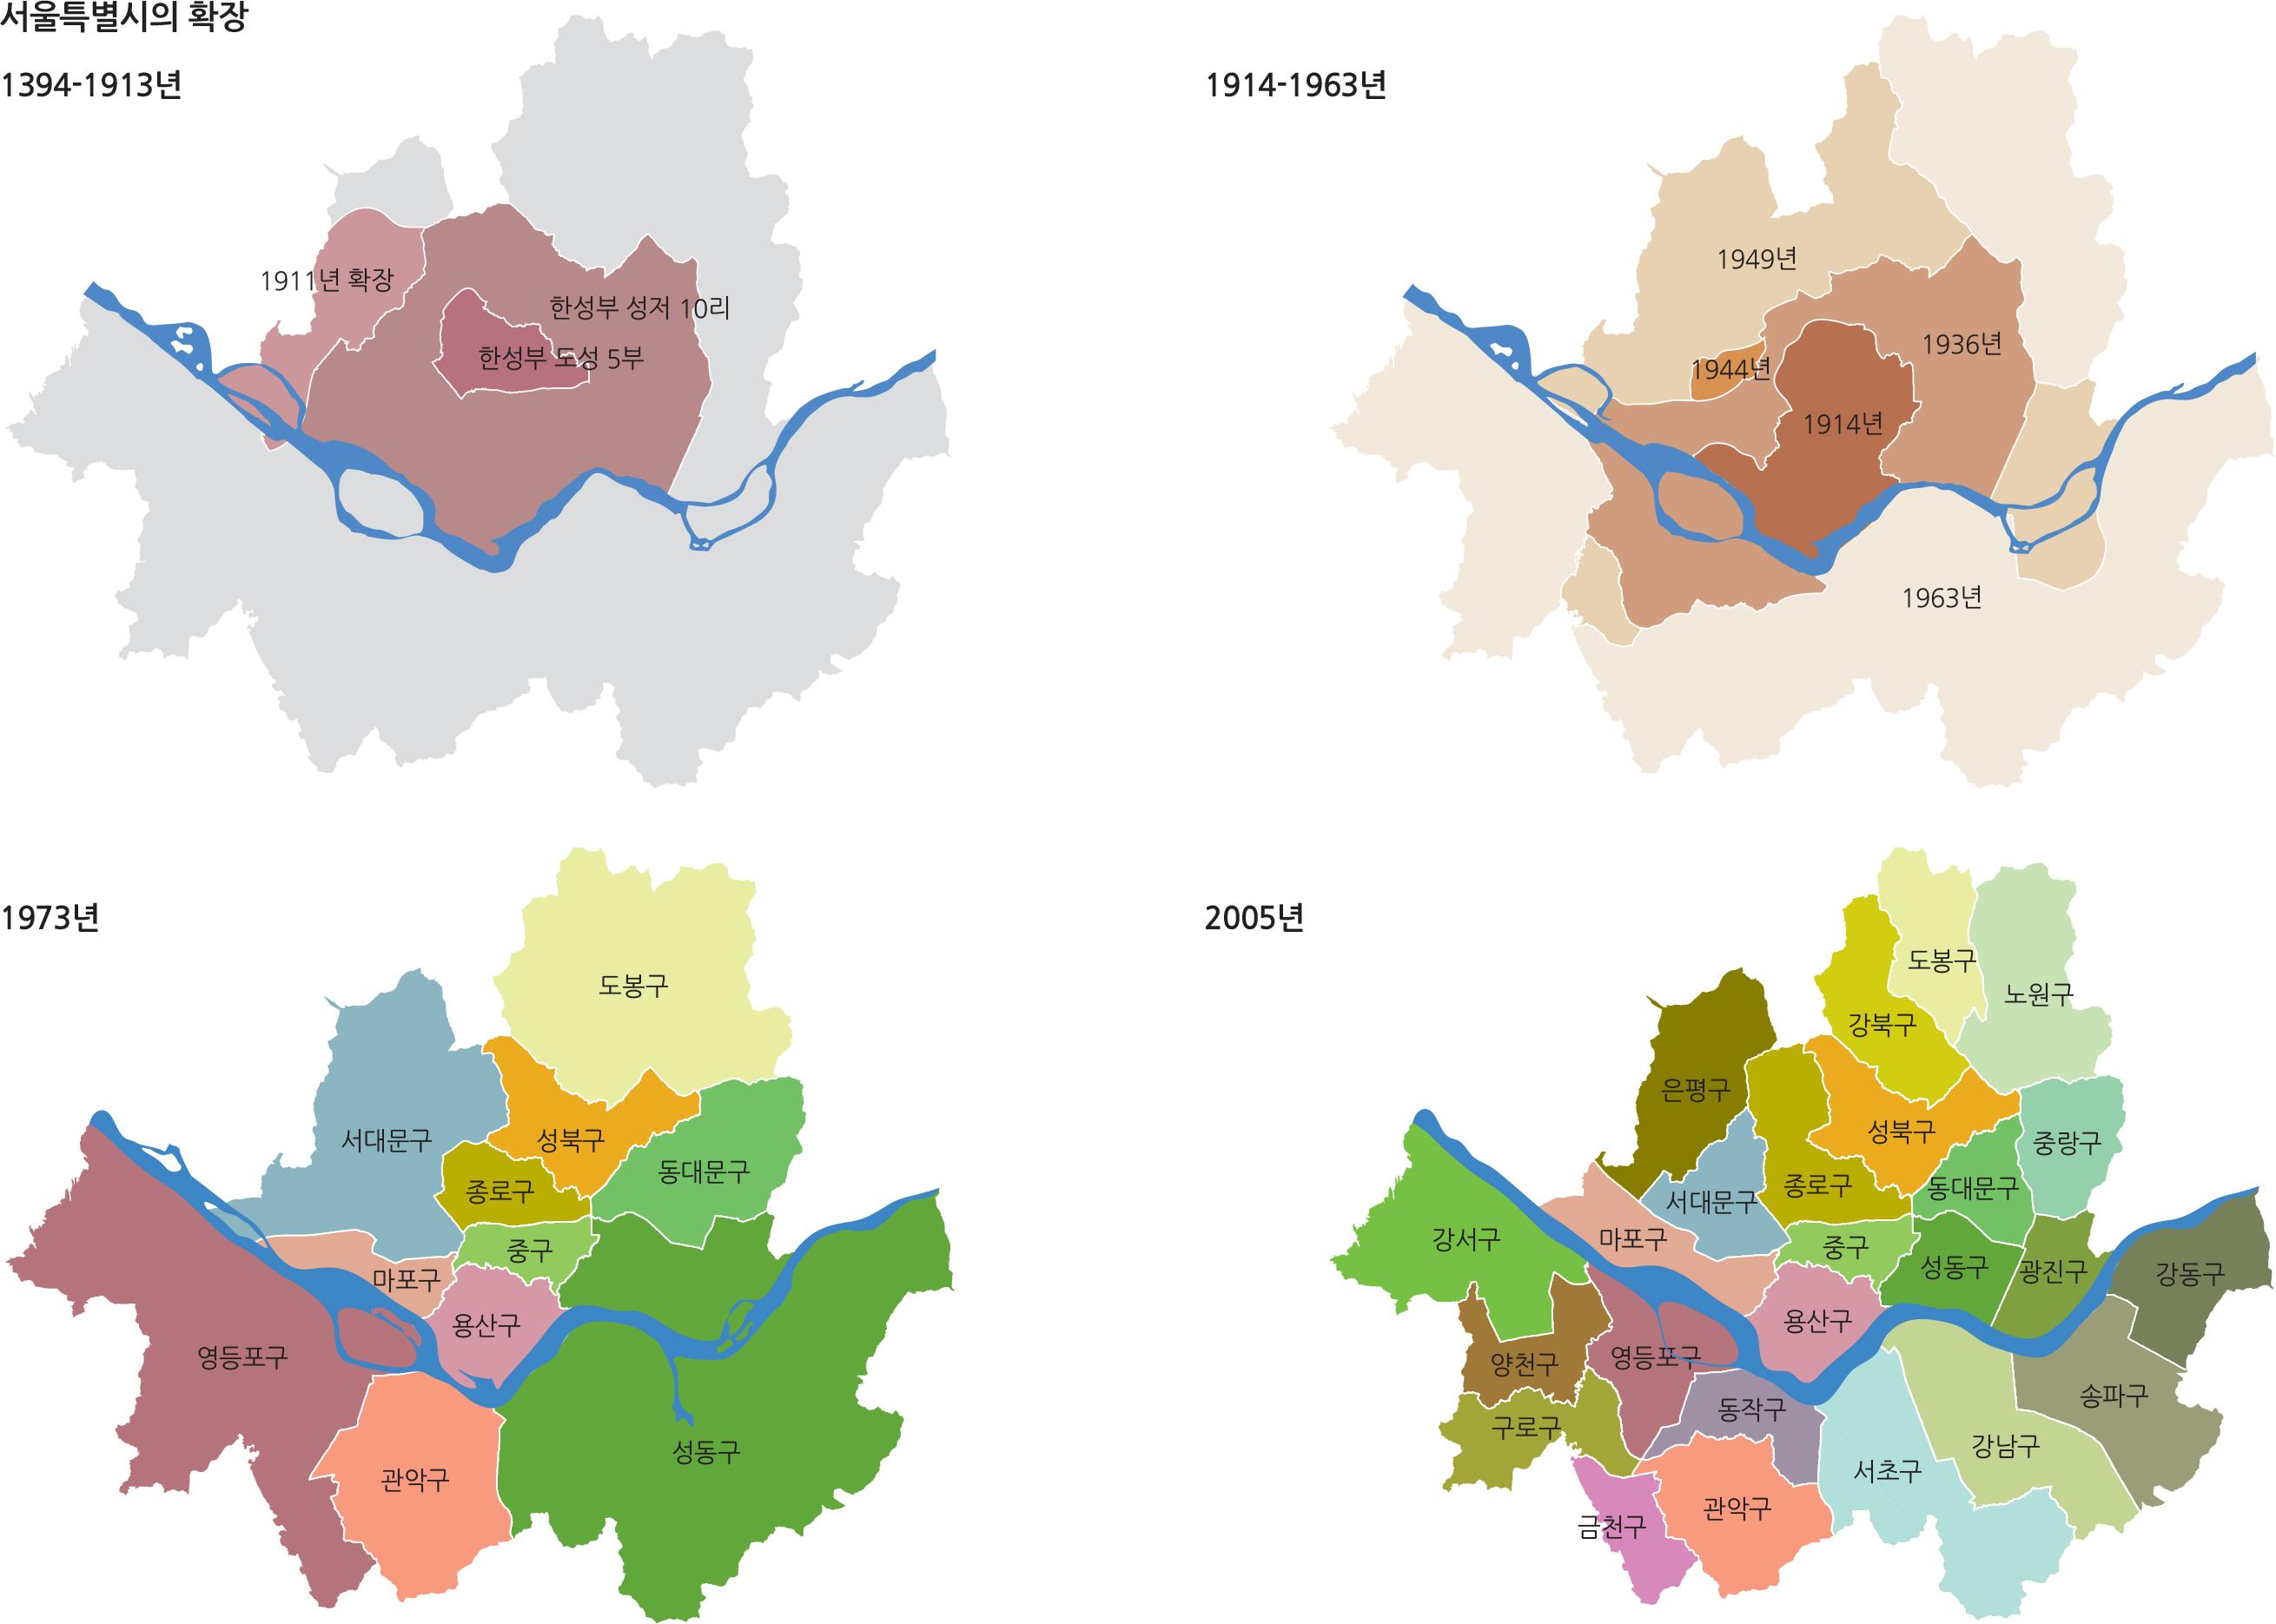 서울특별시의 확장